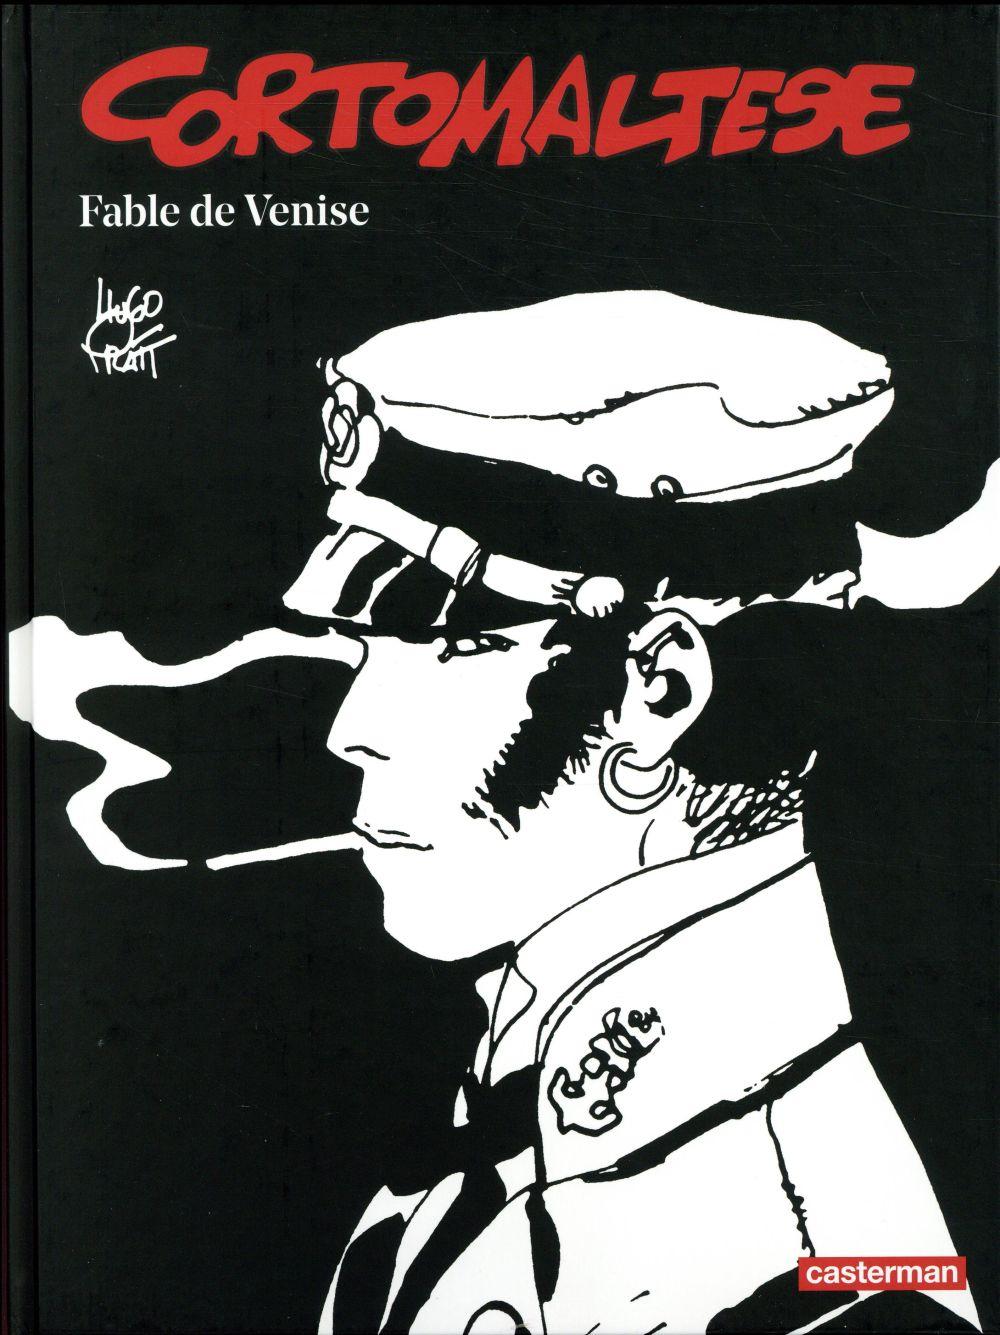 CORTO MALTESE - FABLE DE VENISE